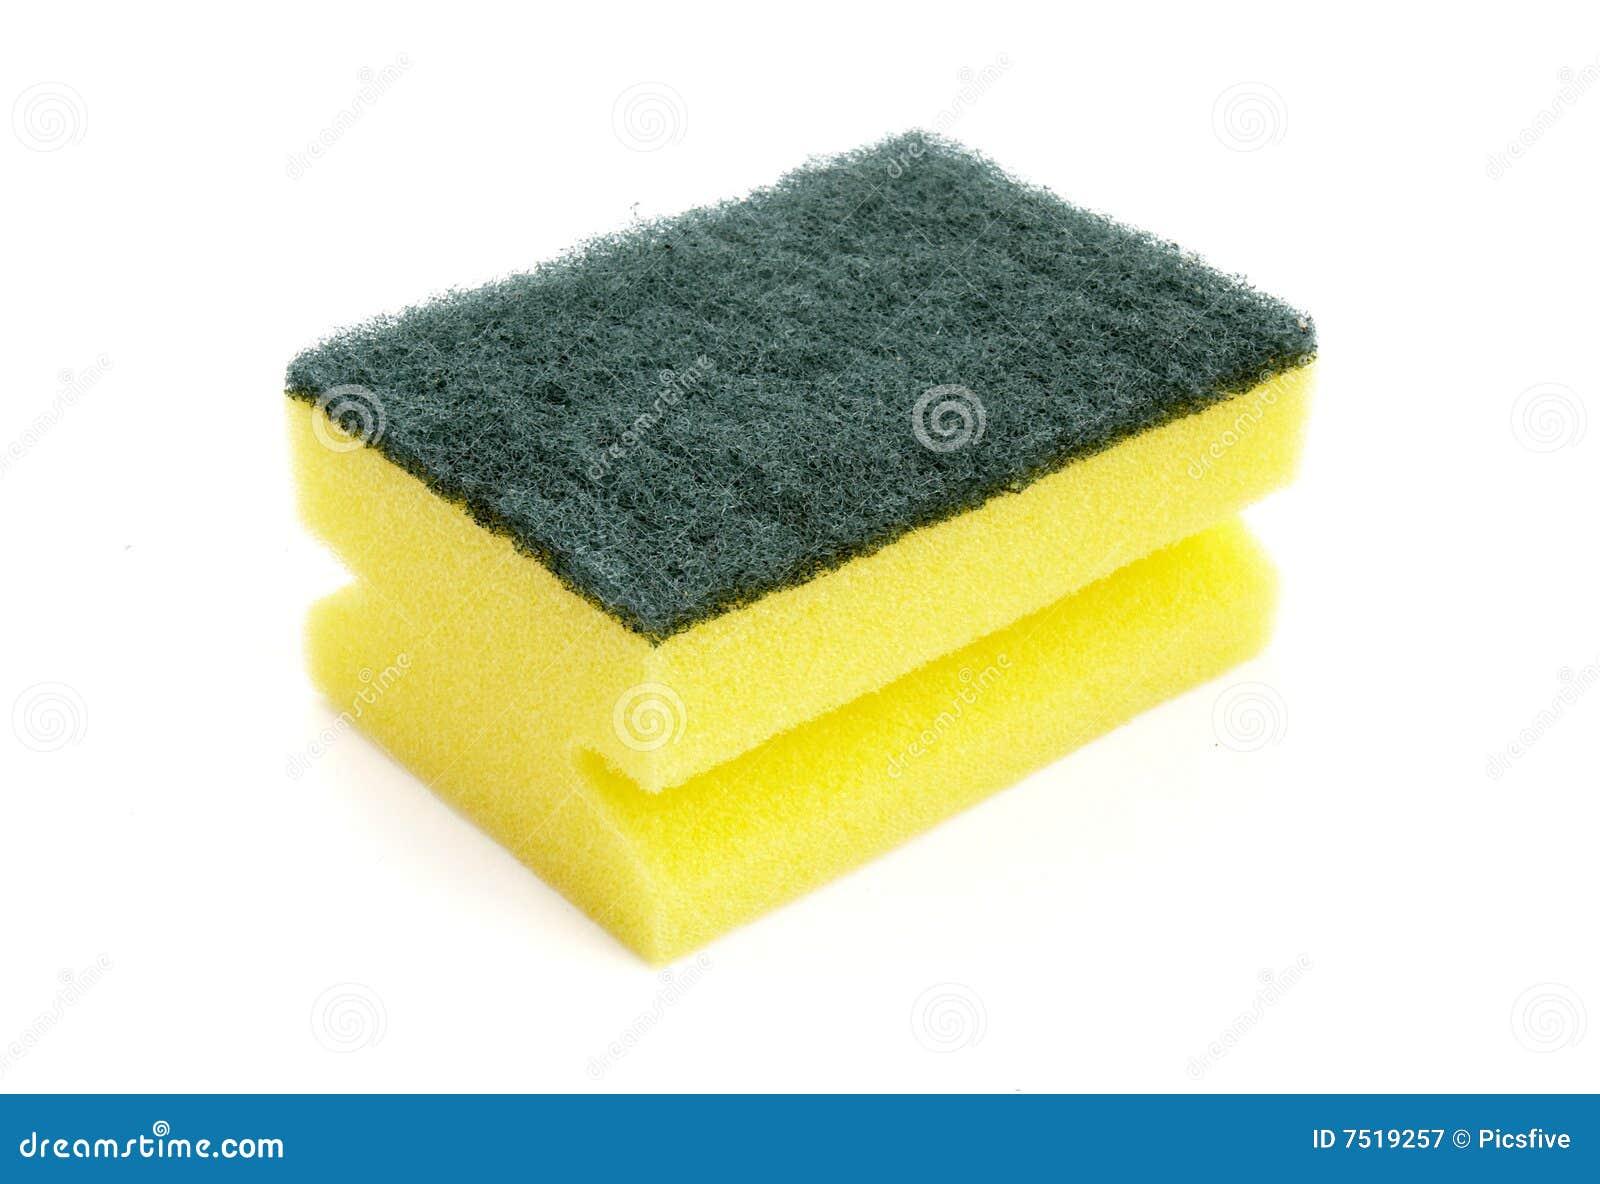 Sponge 1 Stock Image Image Of Isolated Icon Object 7519257